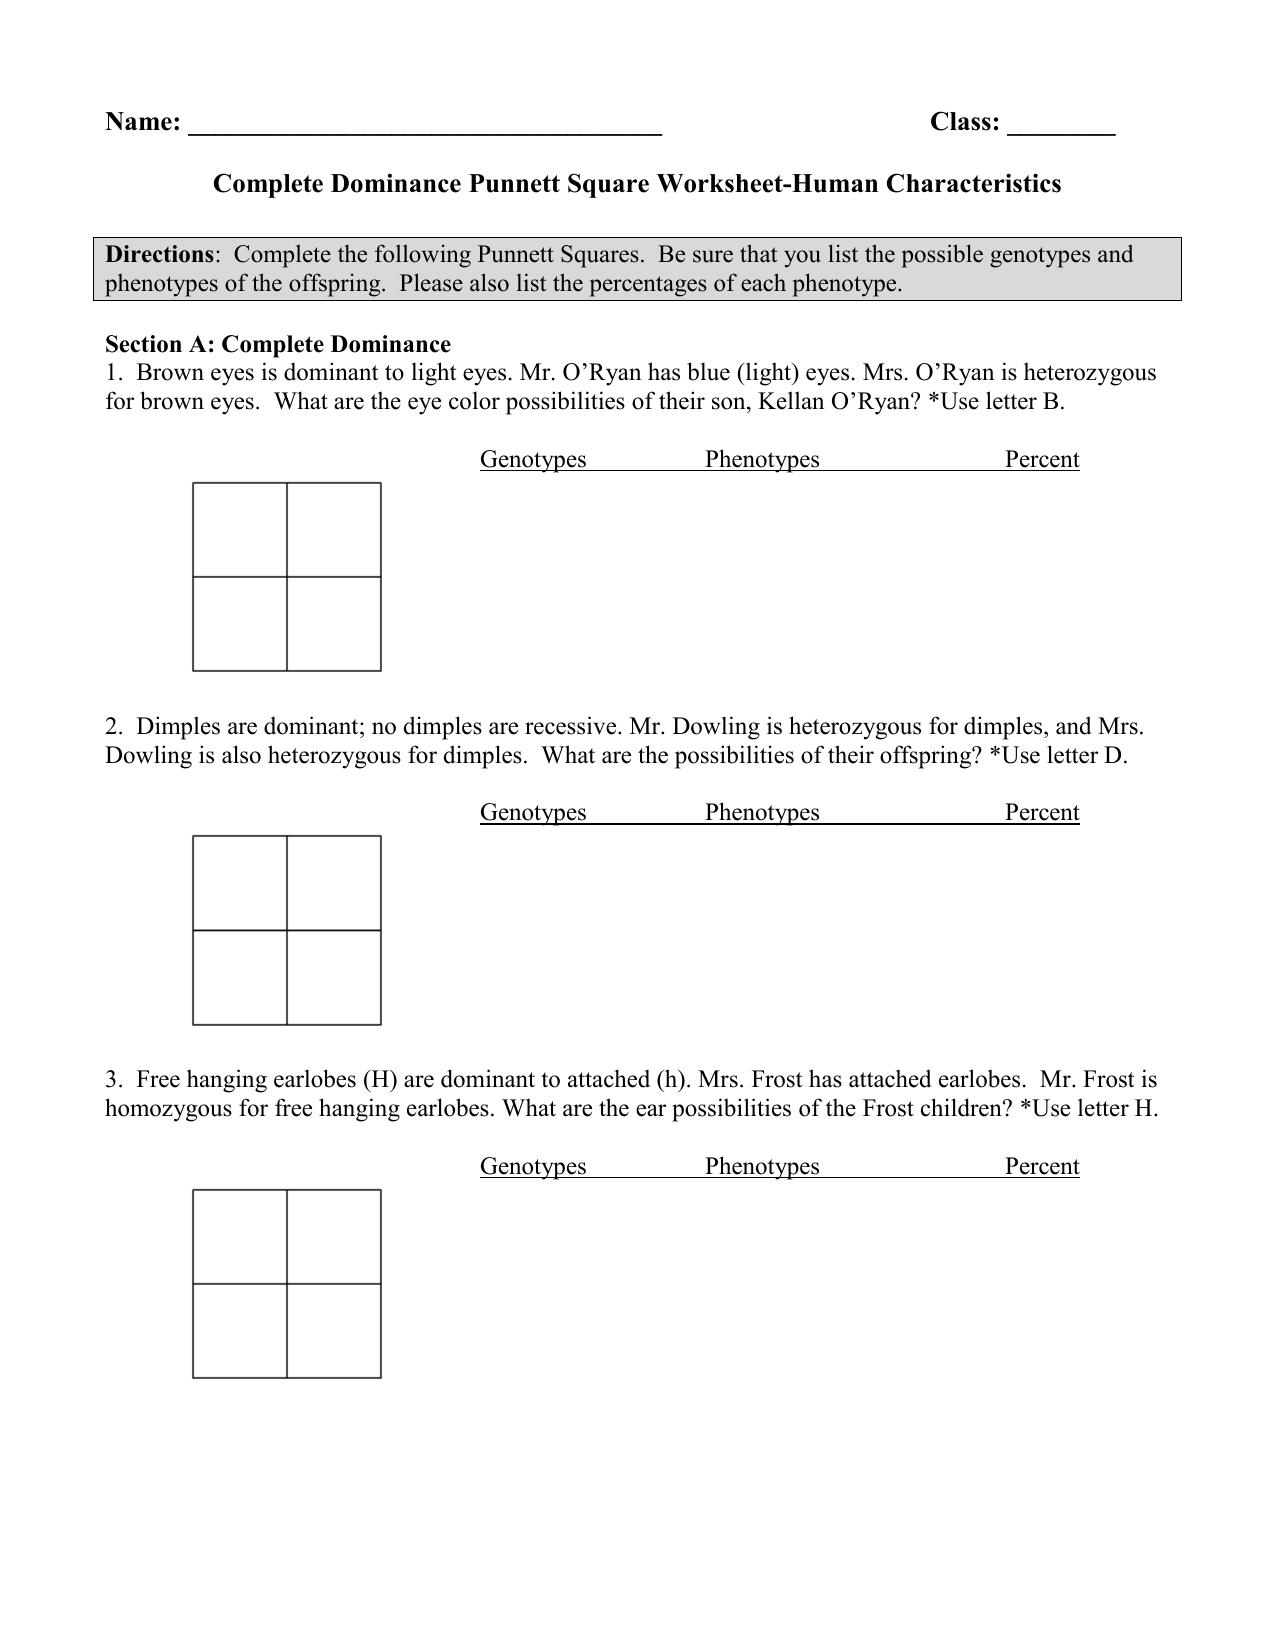 Complete Dominance Punnett Square Worksheet